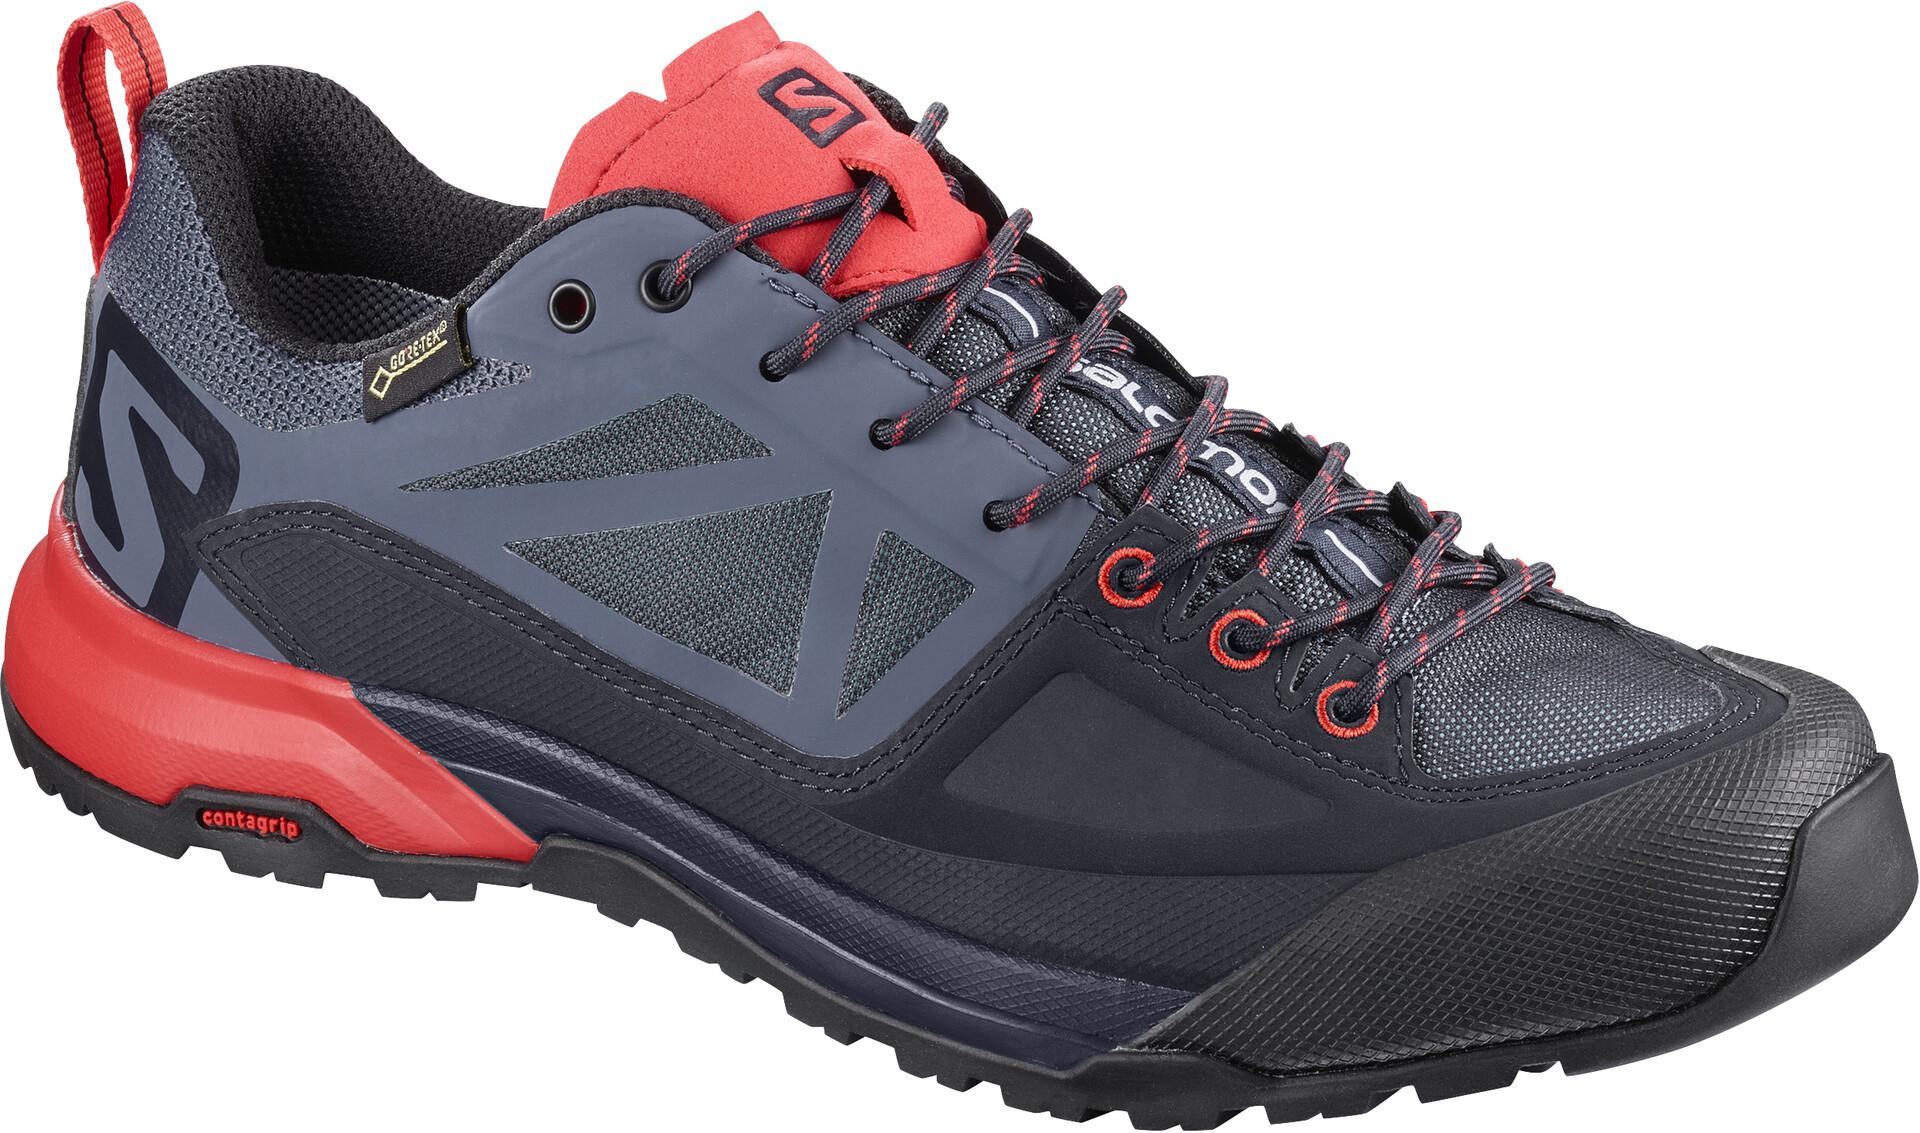 SALOMON X ALP Spry GTX Gray Green Approach Trekking Hiking